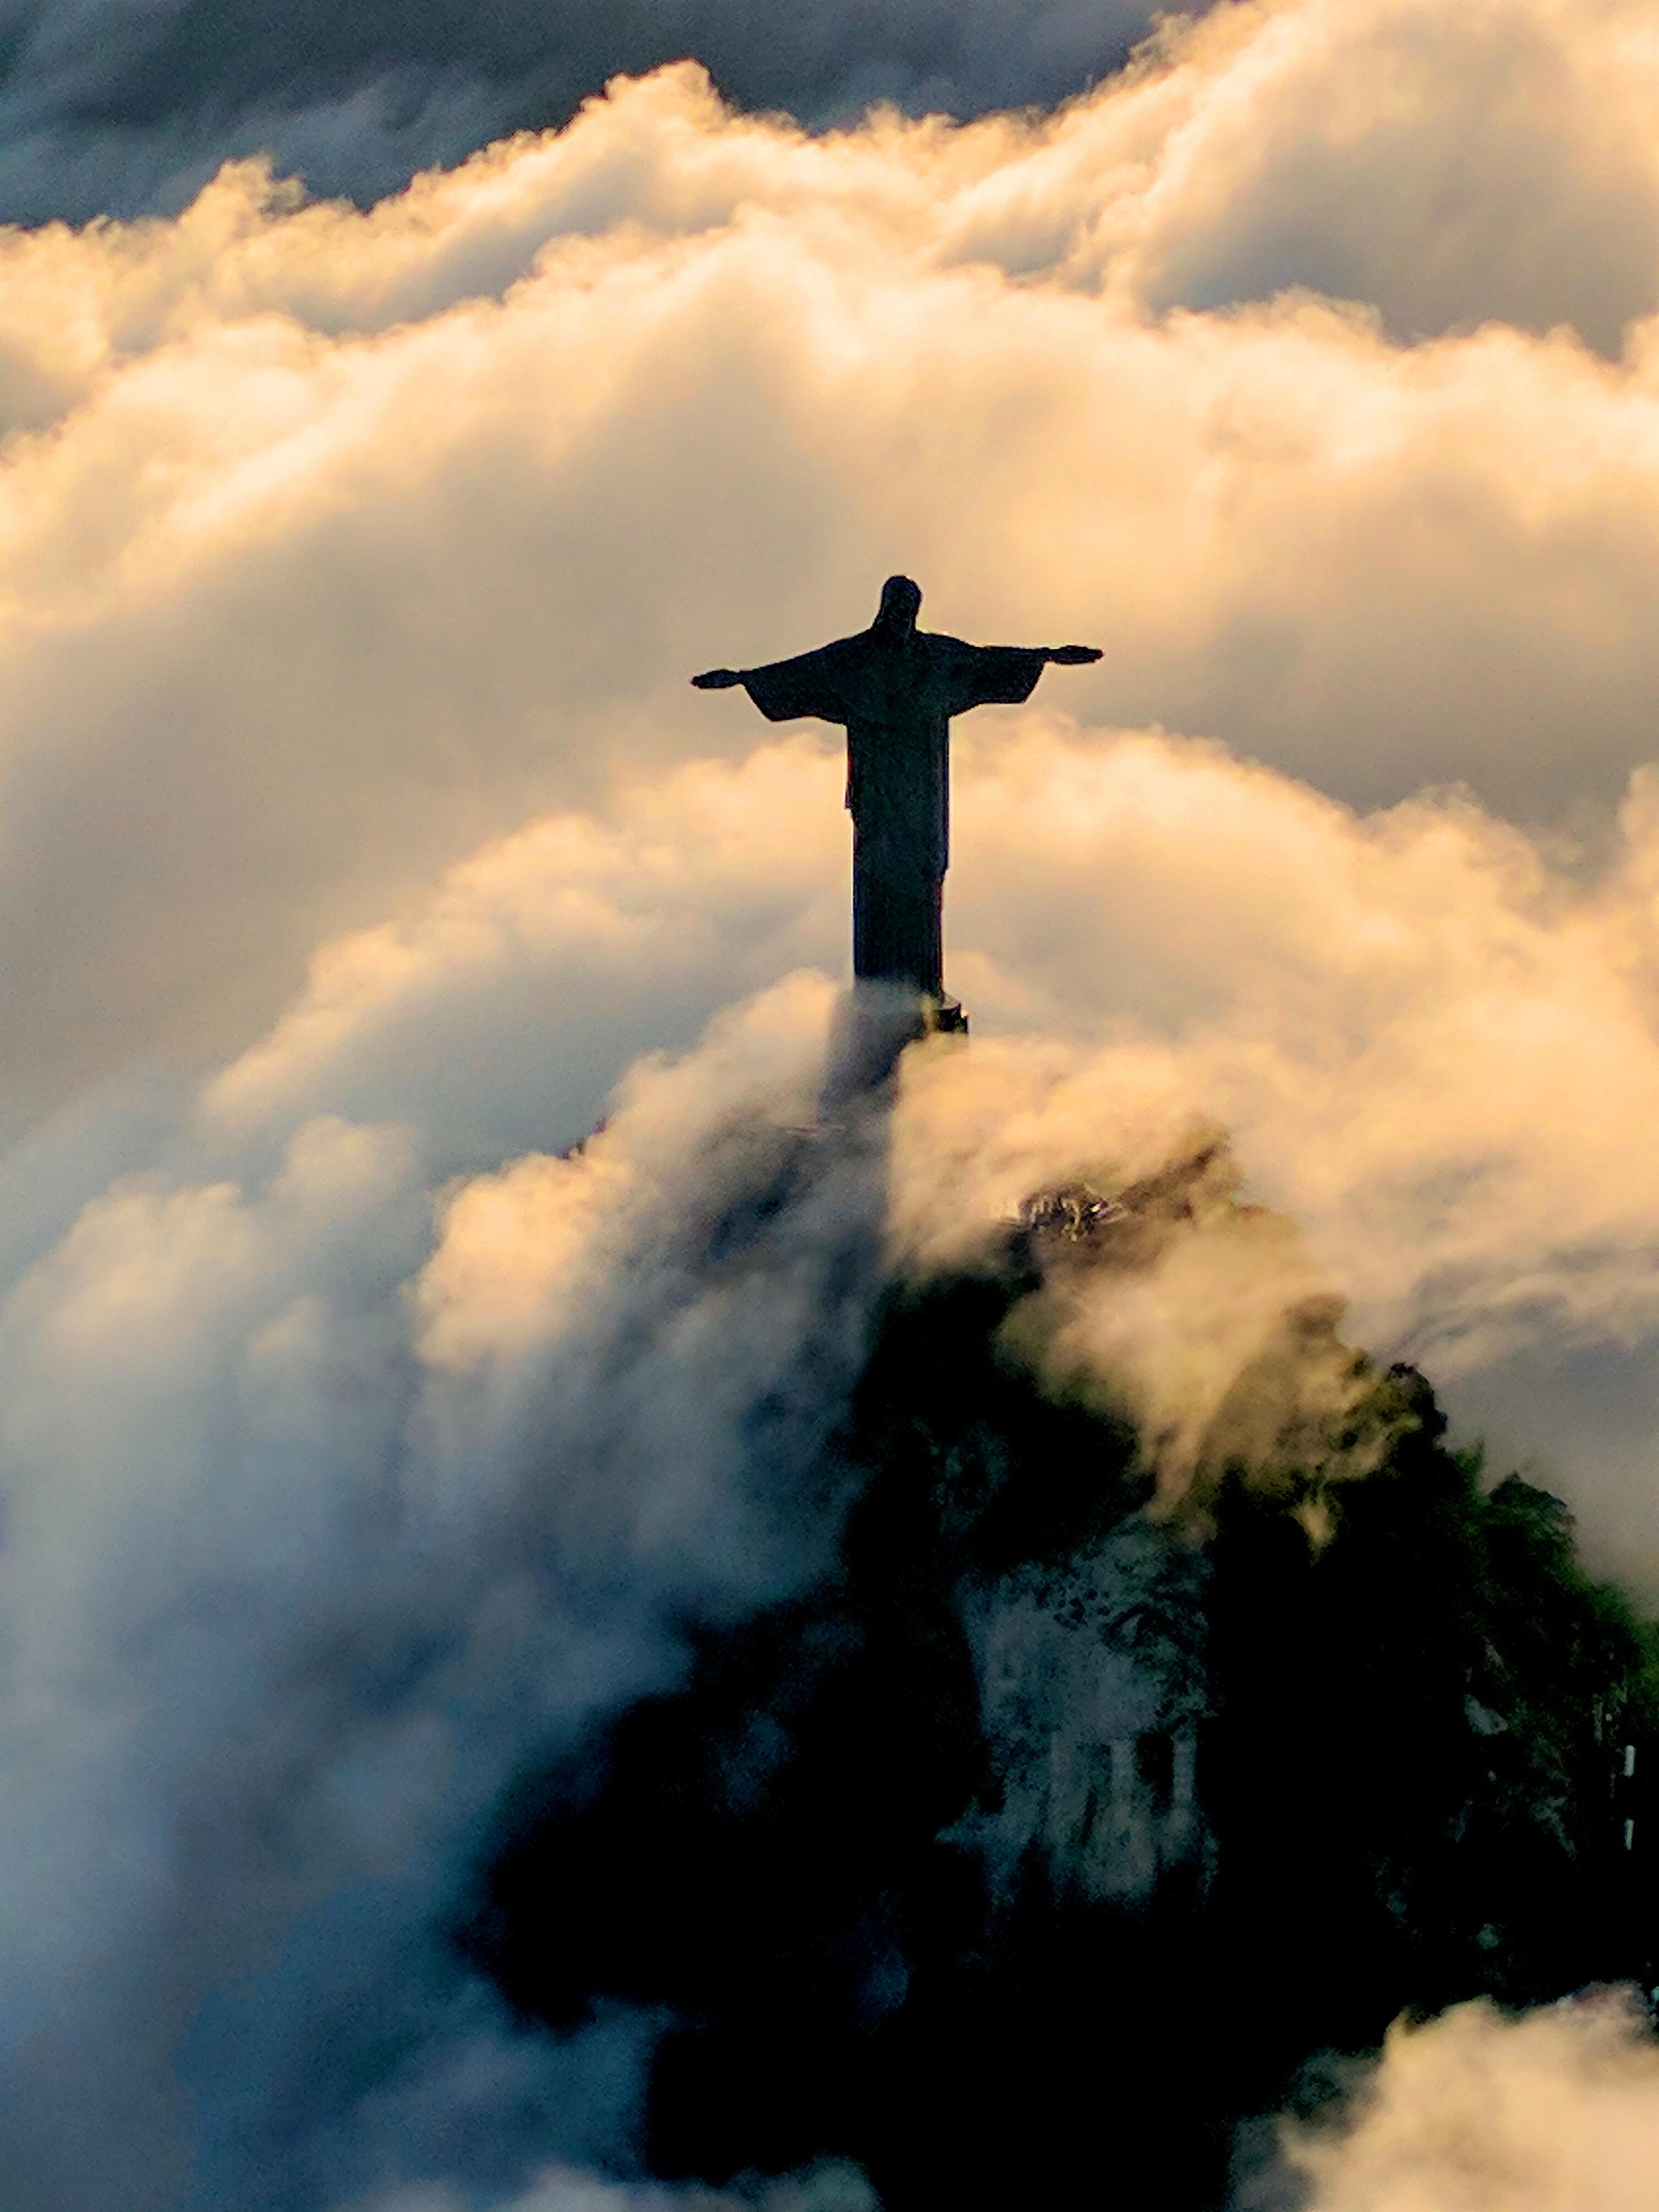 Image of the Christ the Redeemer landmark in Brazil